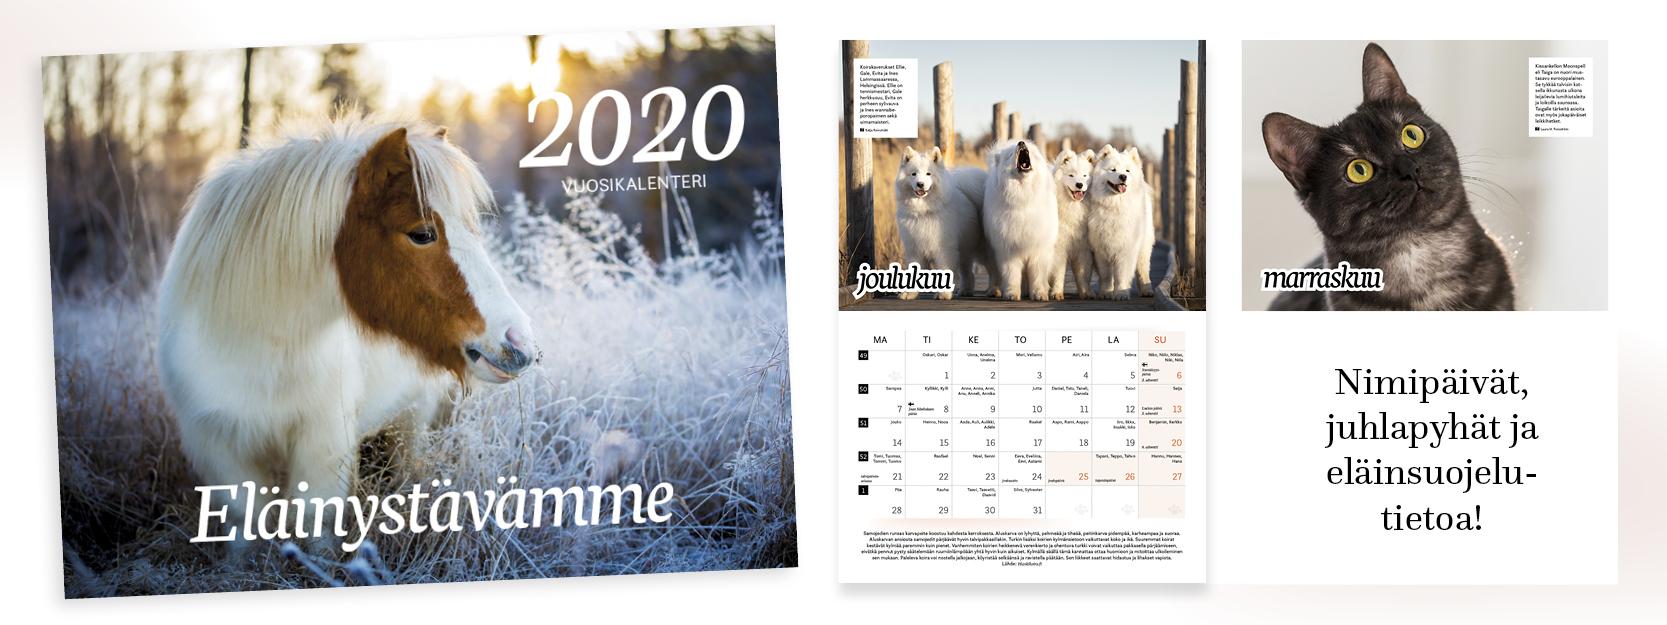 Eläinystävämme 2020